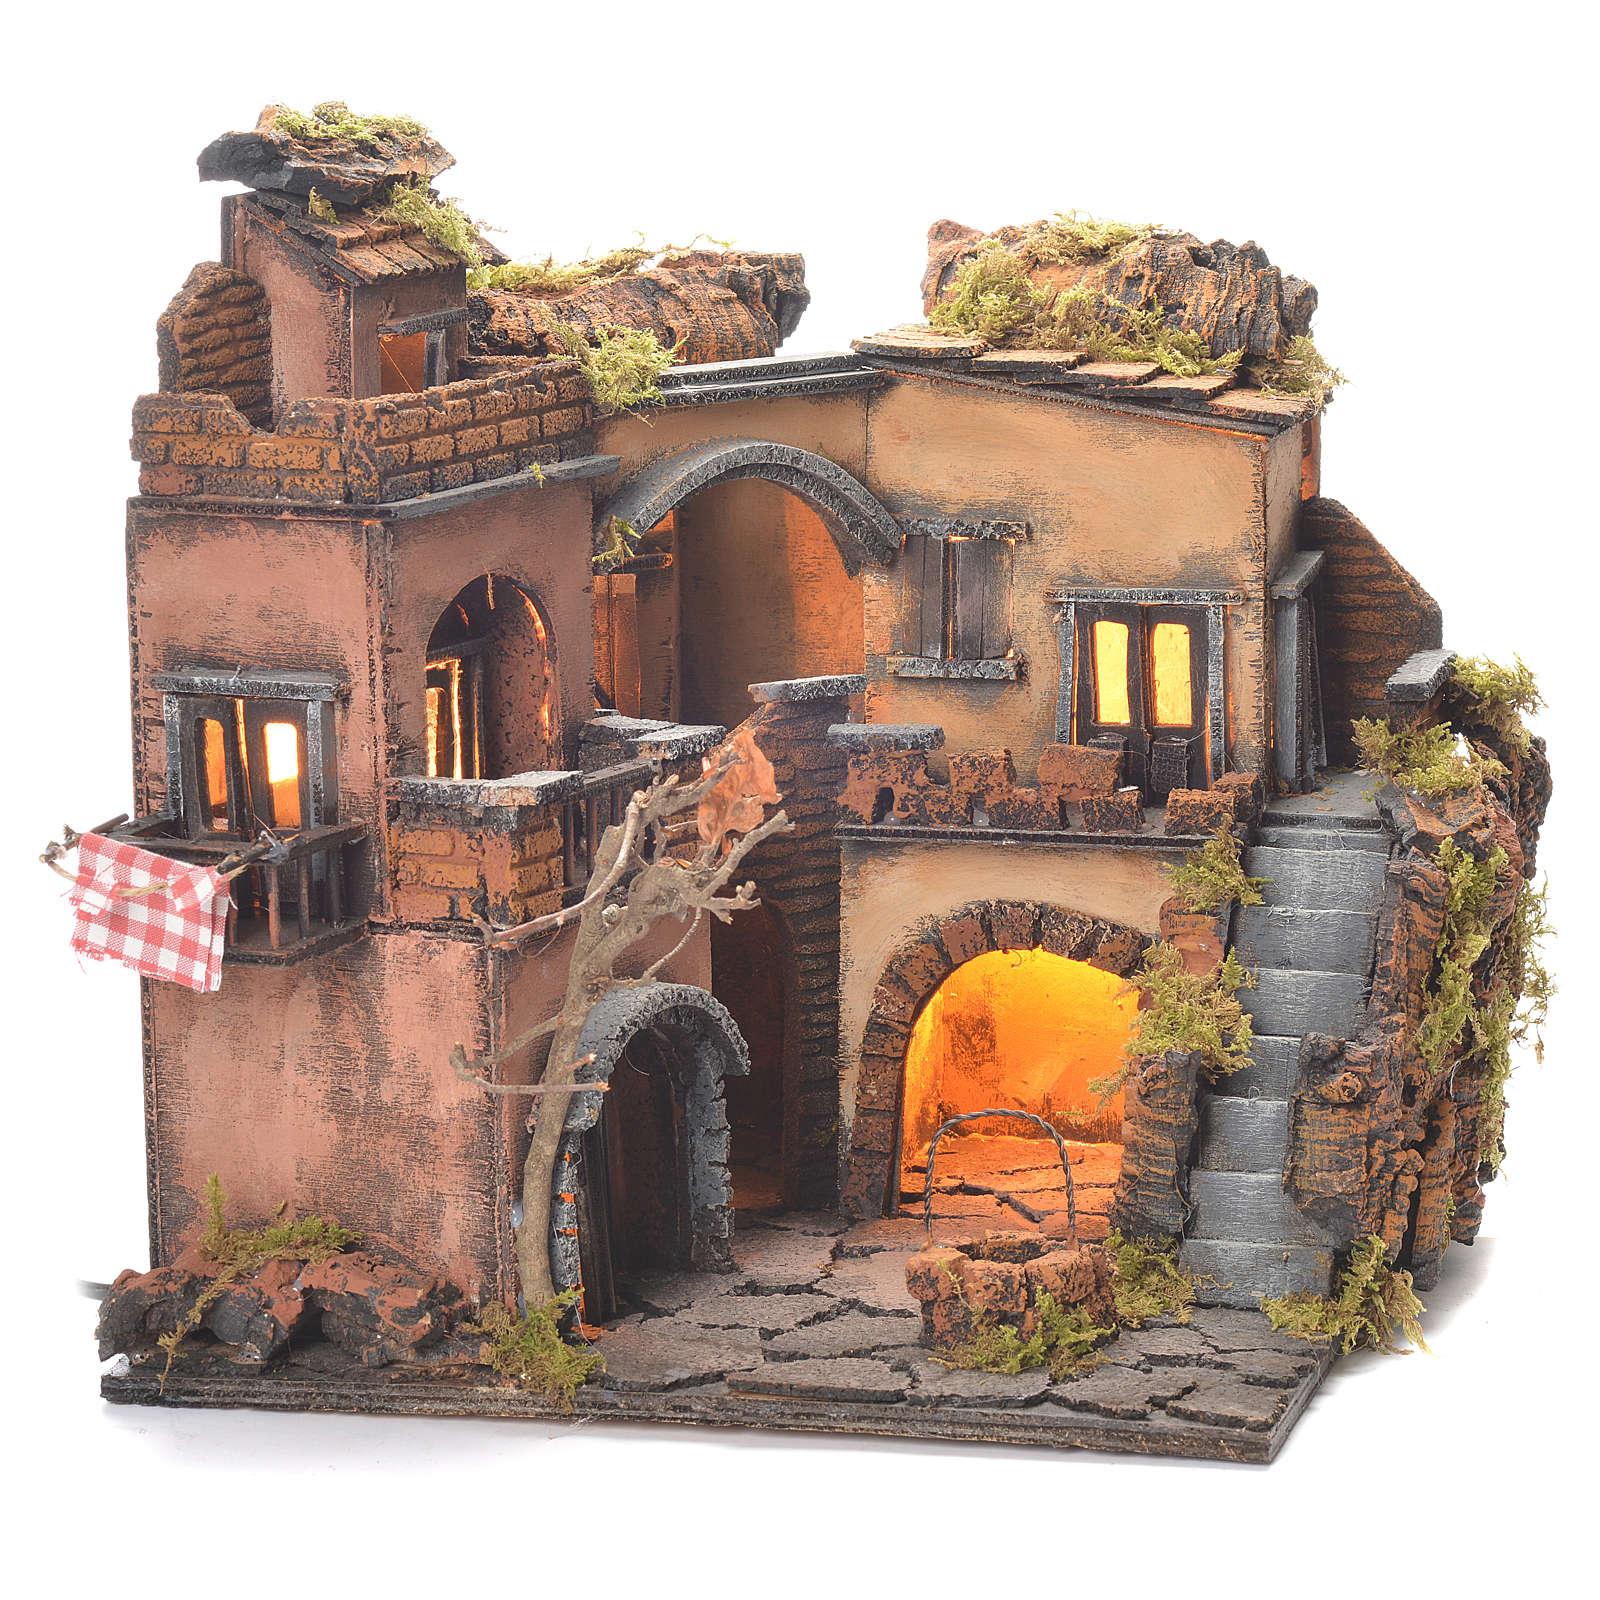 Borgo presepe napoletano stile 700 con pozzo 32x35x30 4